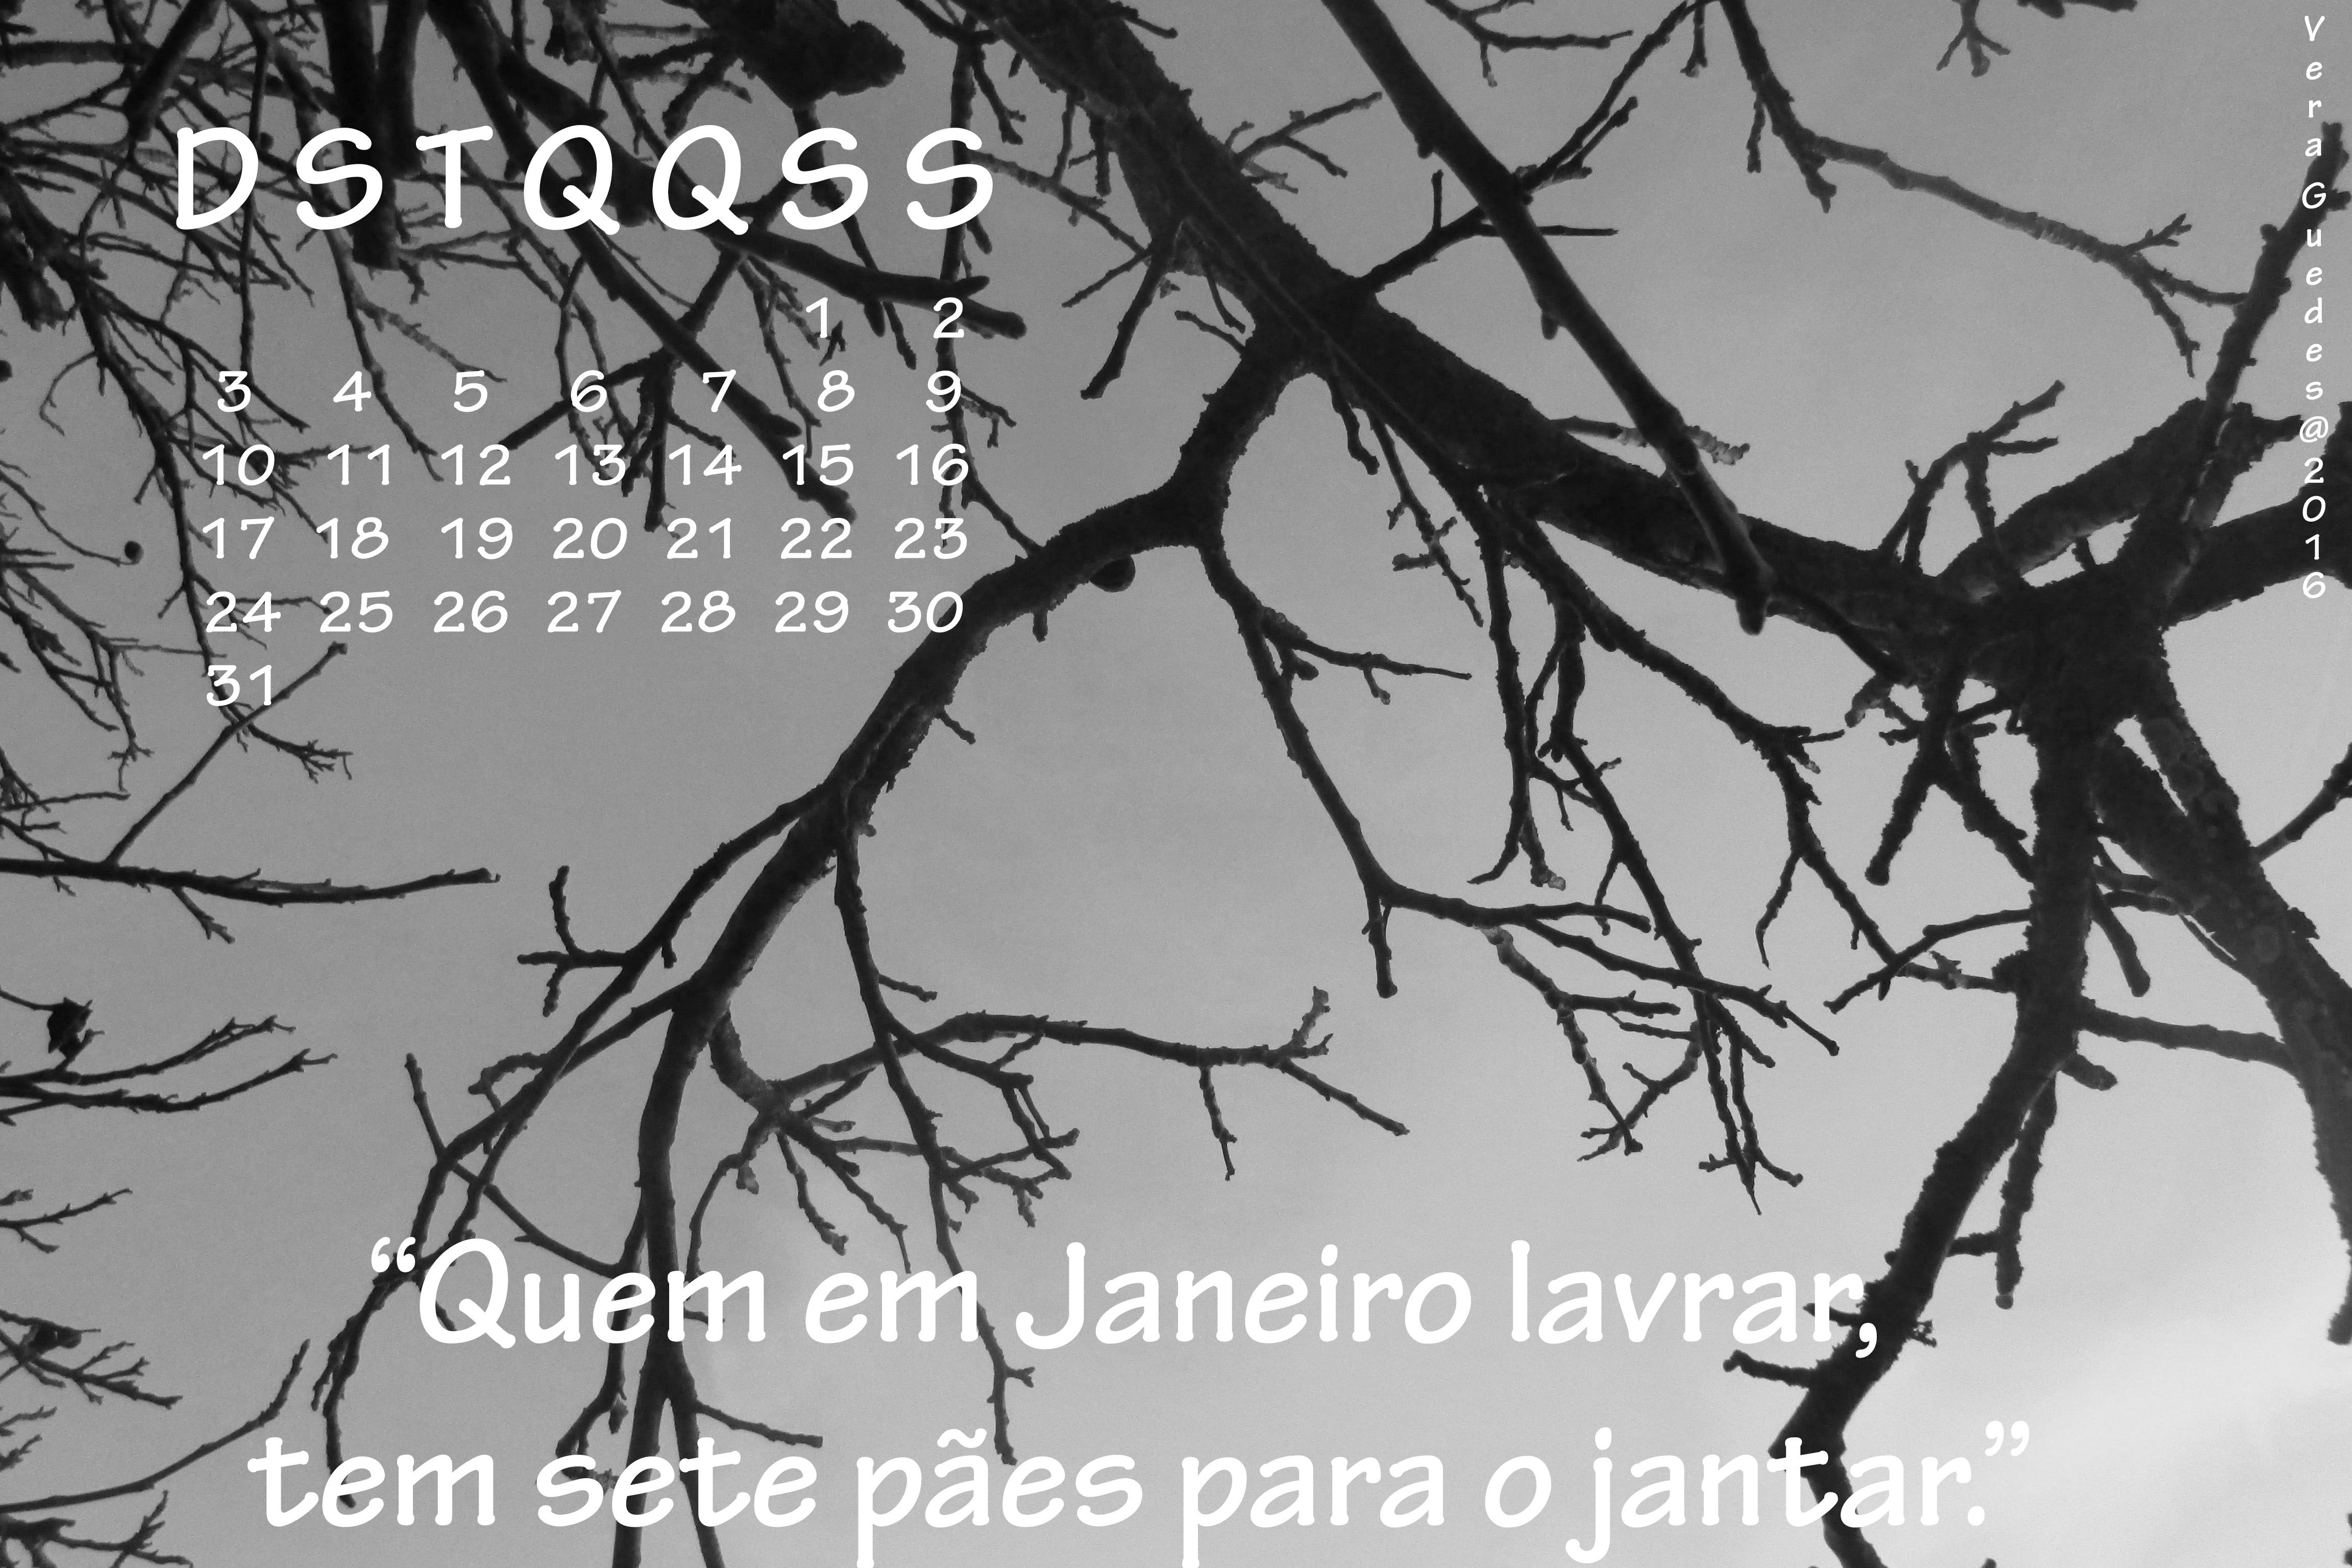 Vamos entrar em Janeiro!!!